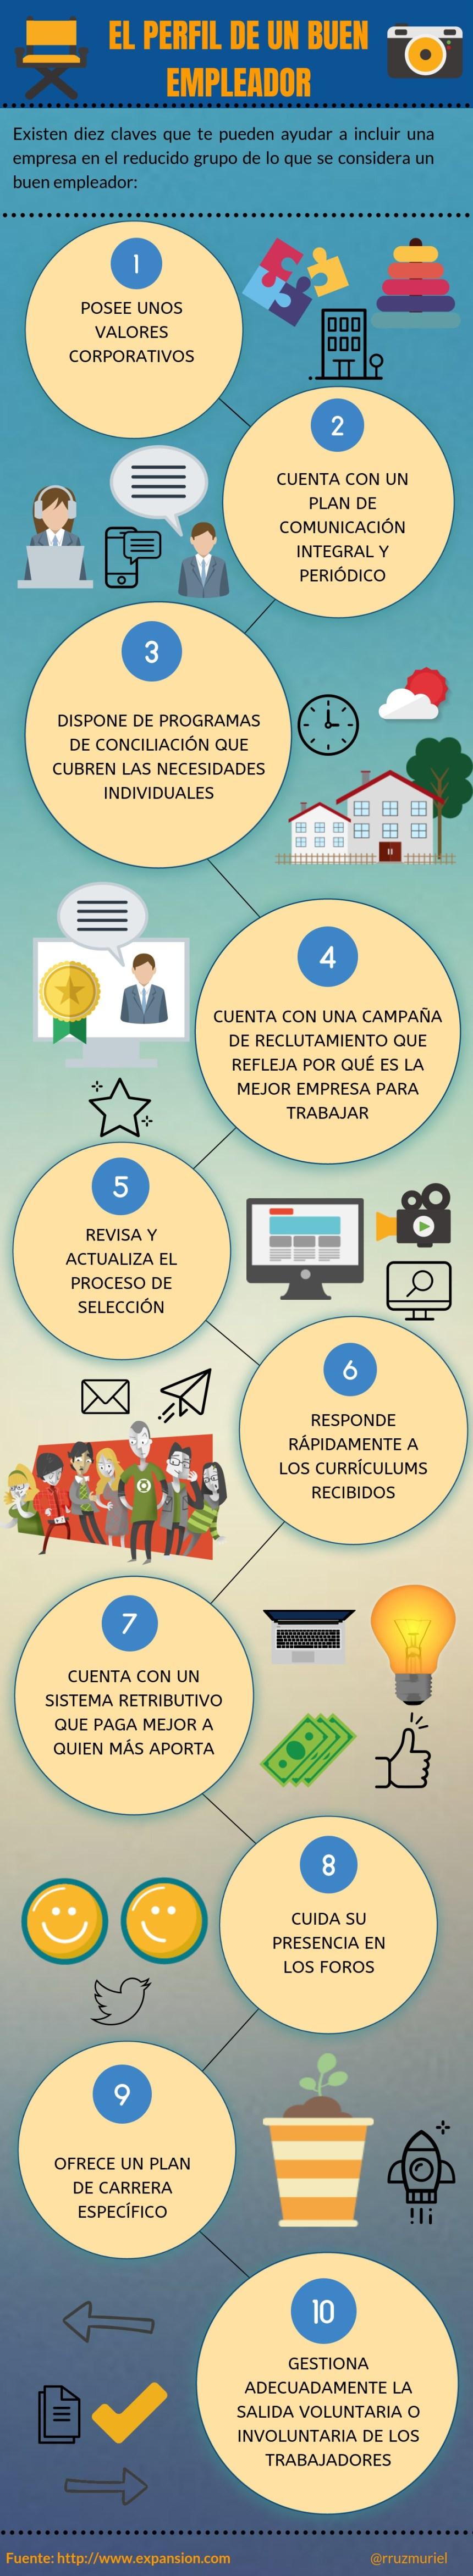 Perfil de un buen empleador #infografia #infographic #rrhh